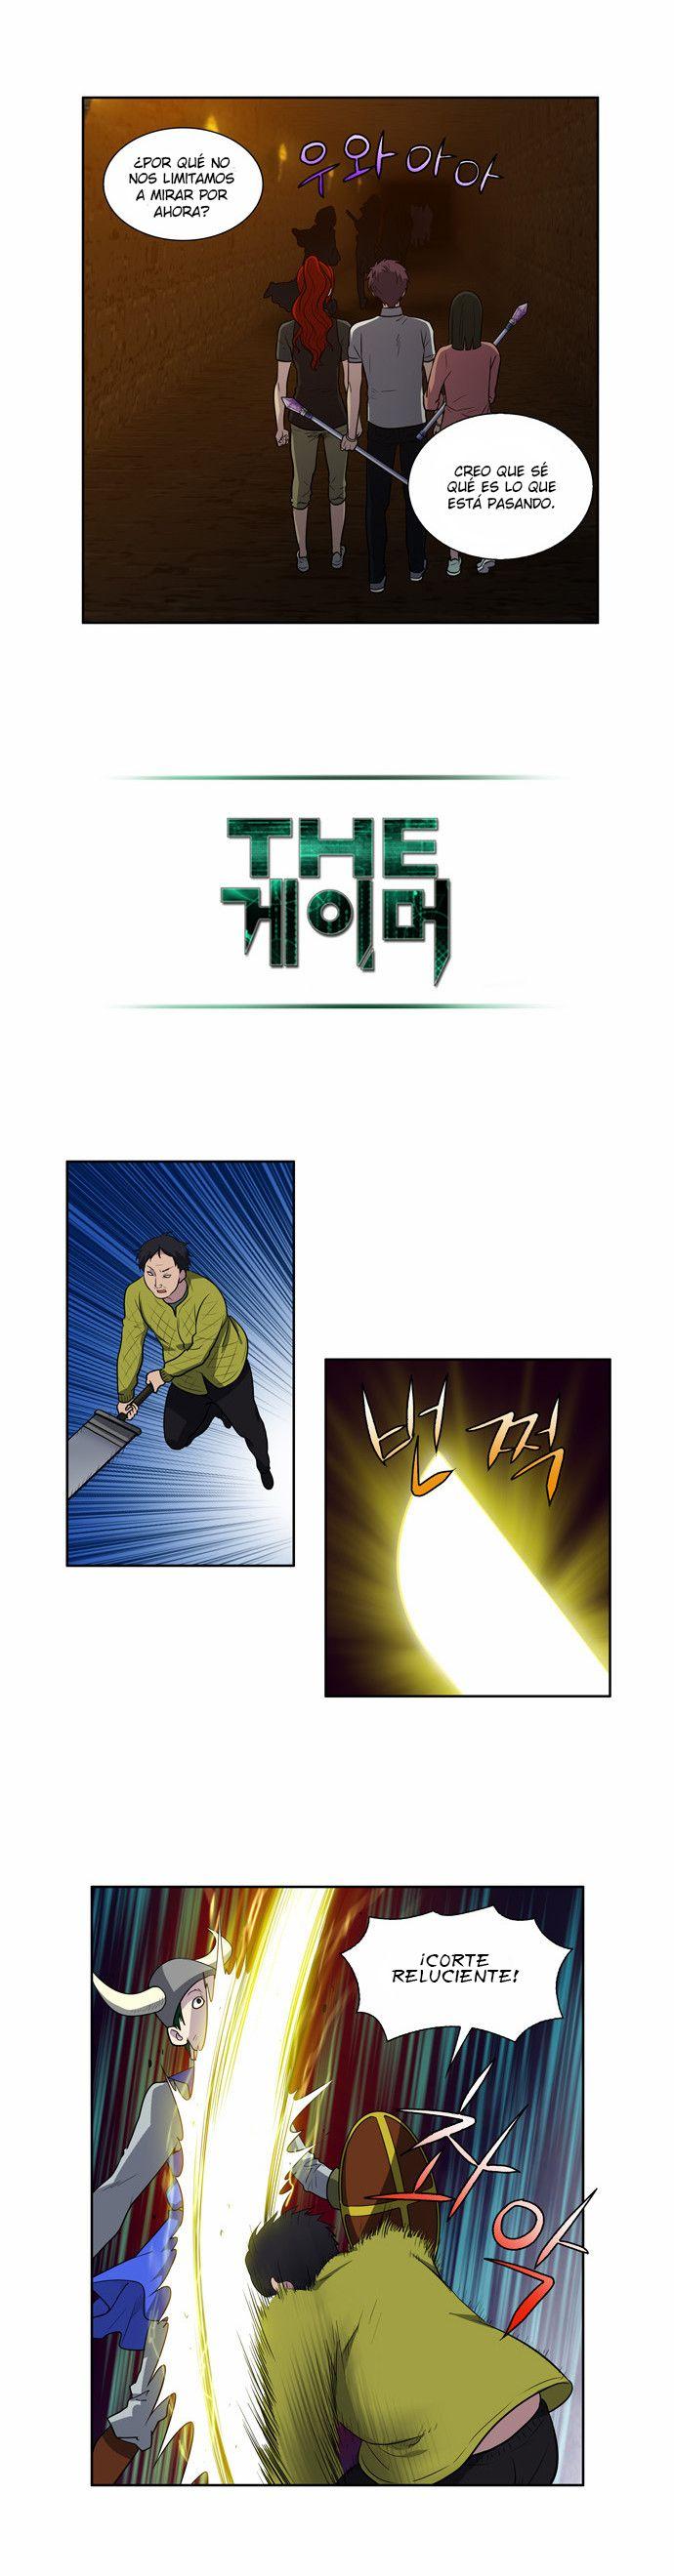 http://c5.ninemanga.com/es_manga/61/1725/479869/a69de3e9320b32afa4093cad869c5e26.jpg Page 8